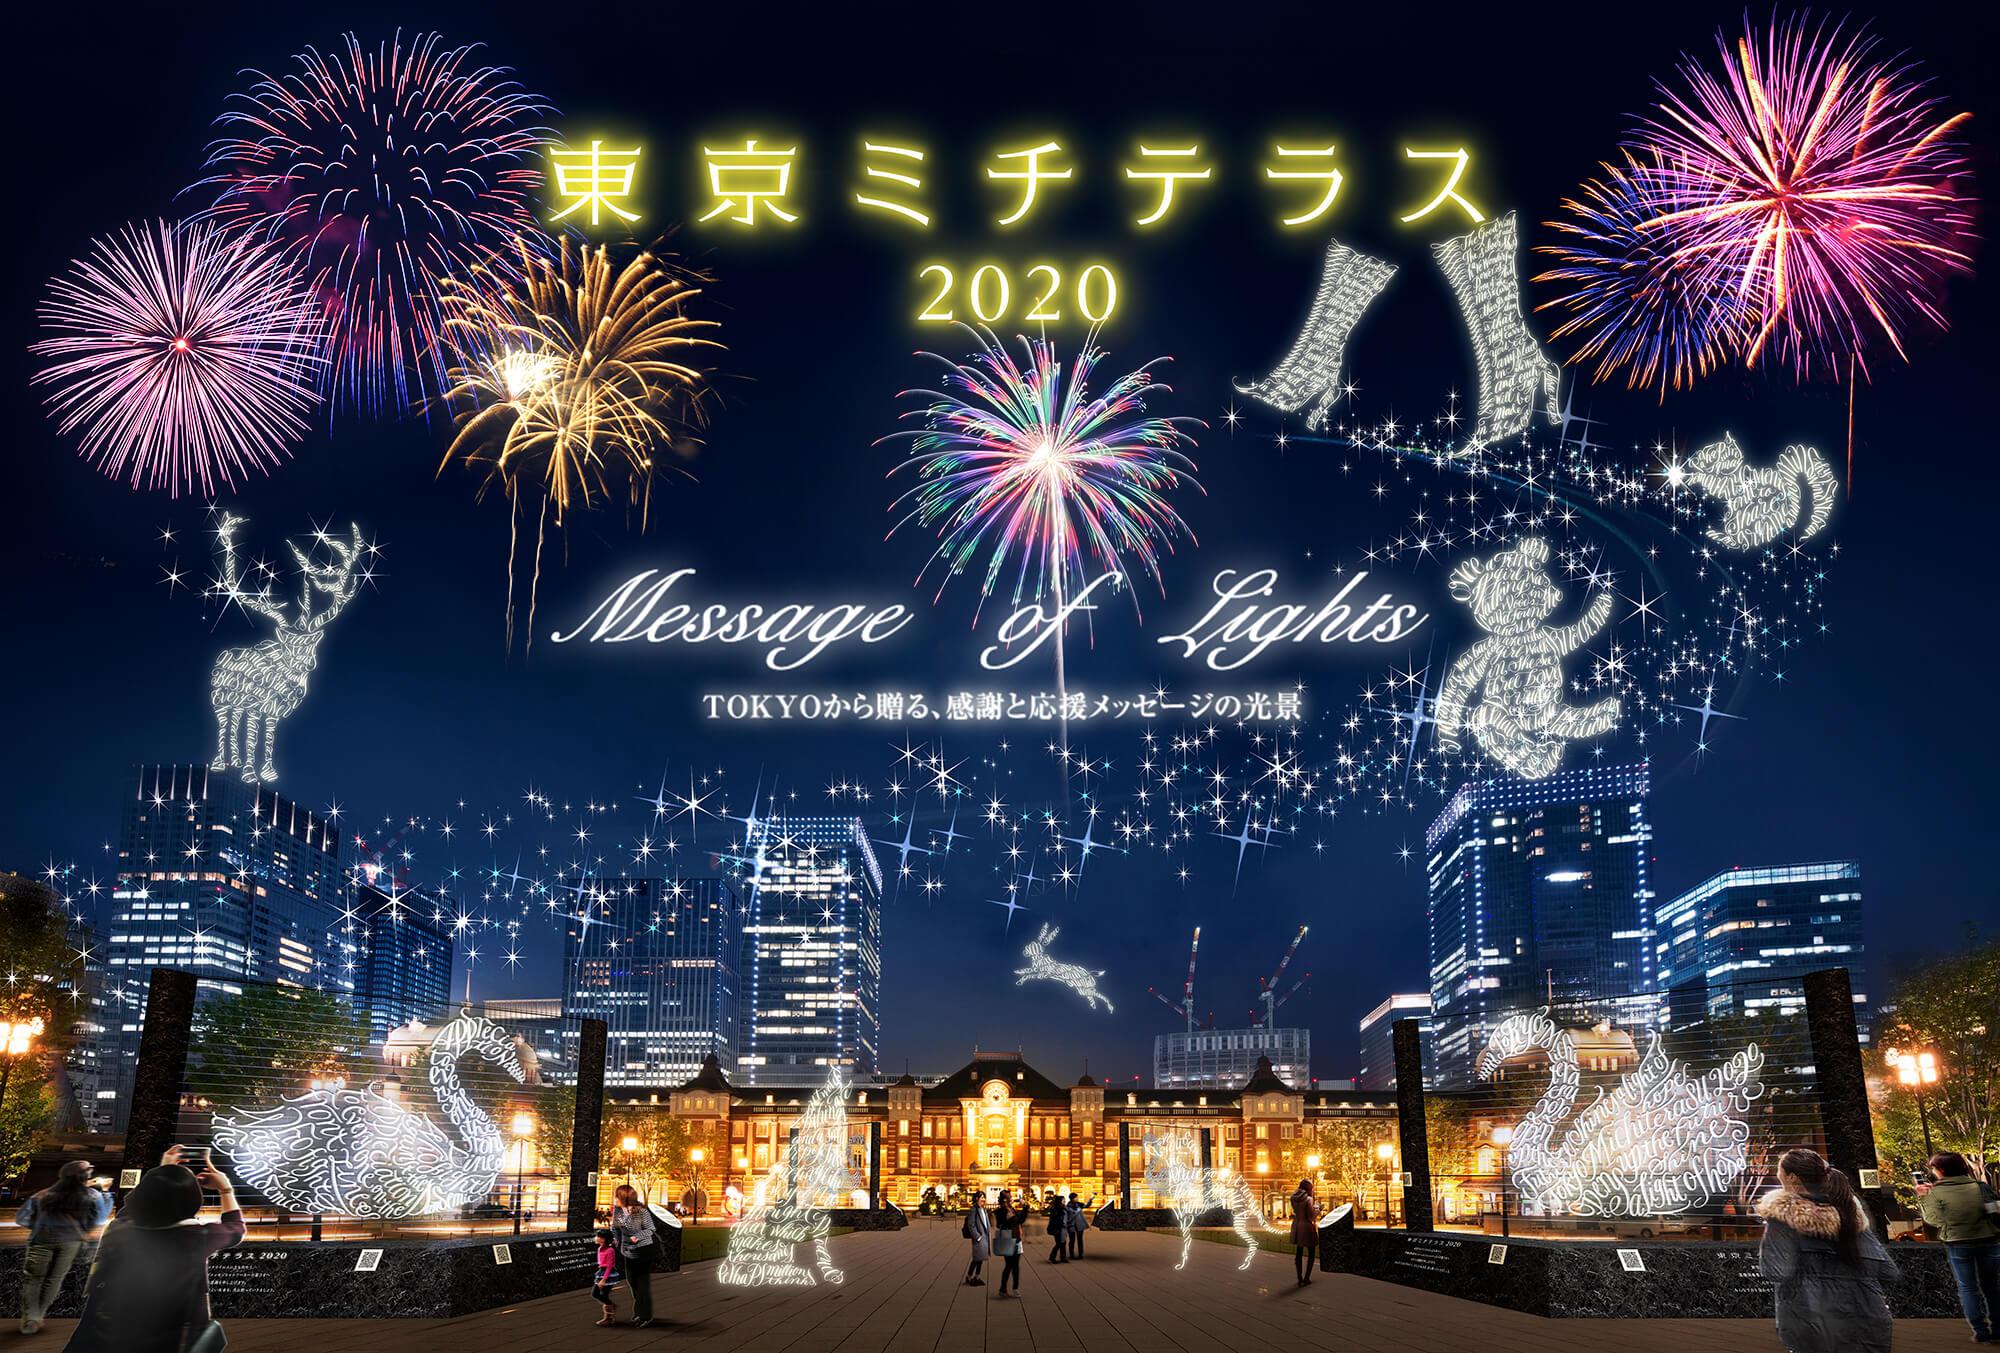 東京ミチテラス2020